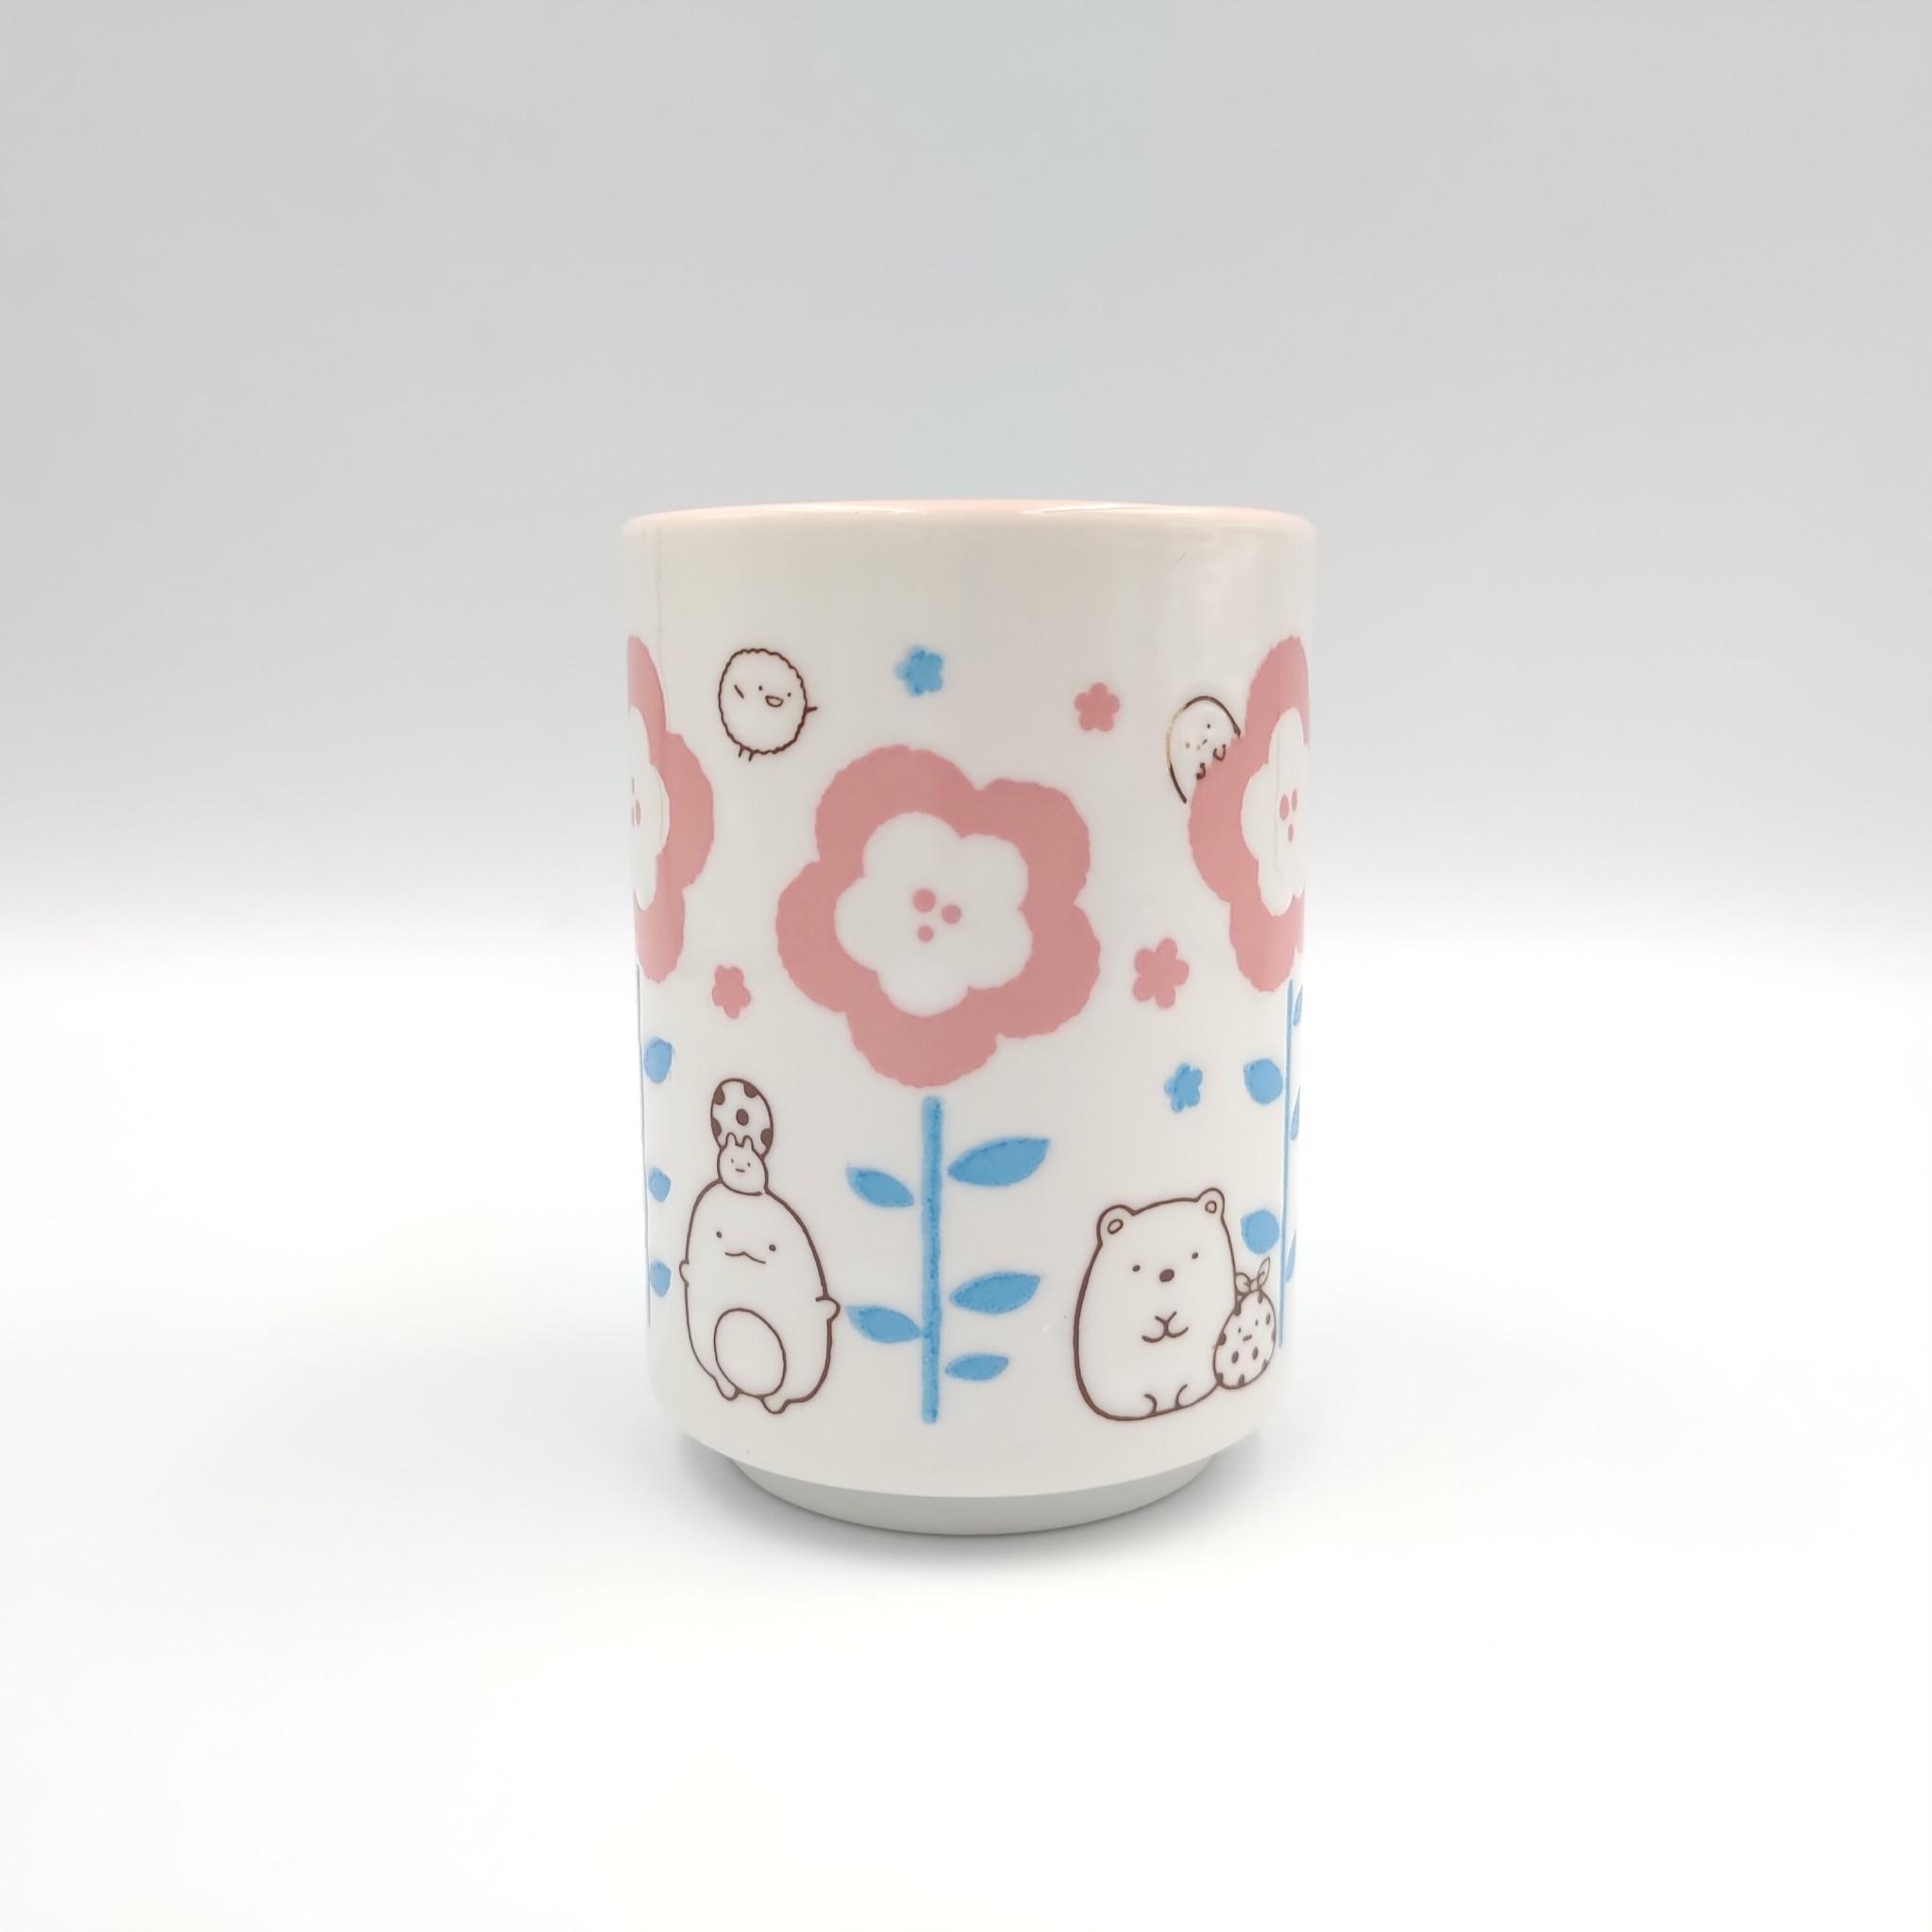 【積文館】茶杯 日本進口 角落小生物 角落公仔(6.5*9.5cm) 1